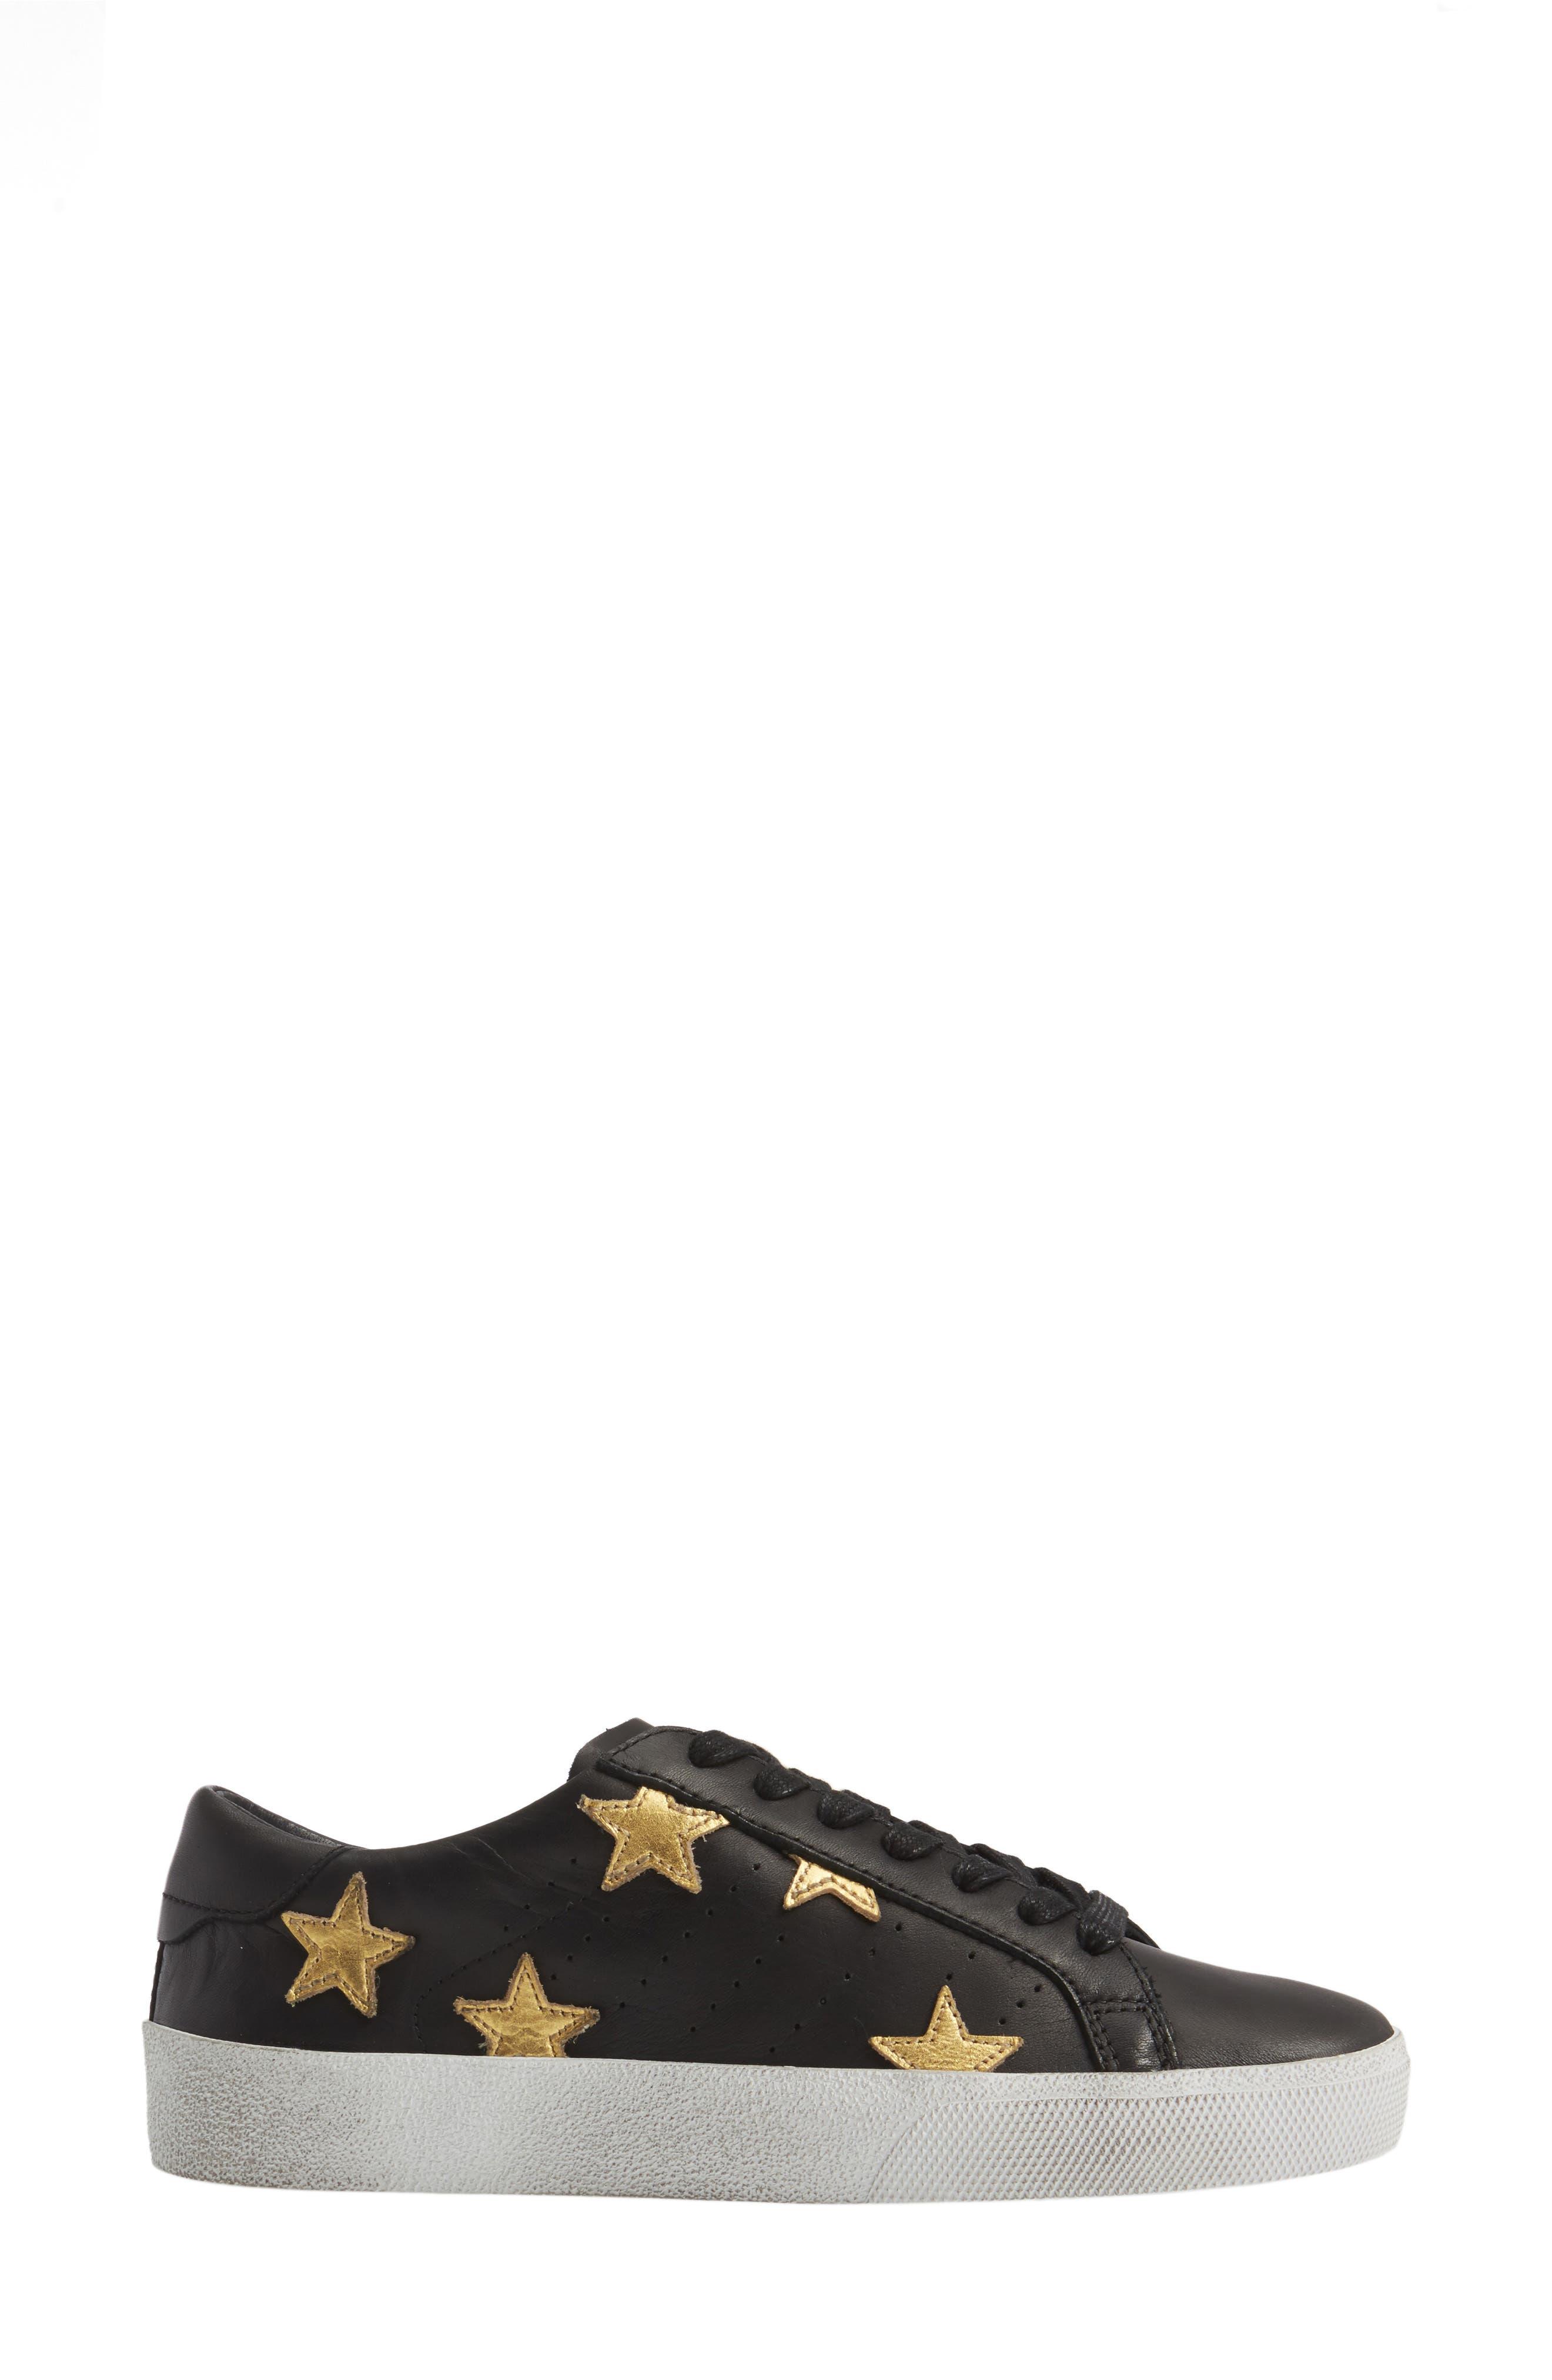 Callback Star Sneaker,                             Alternate thumbnail 3, color,                             002